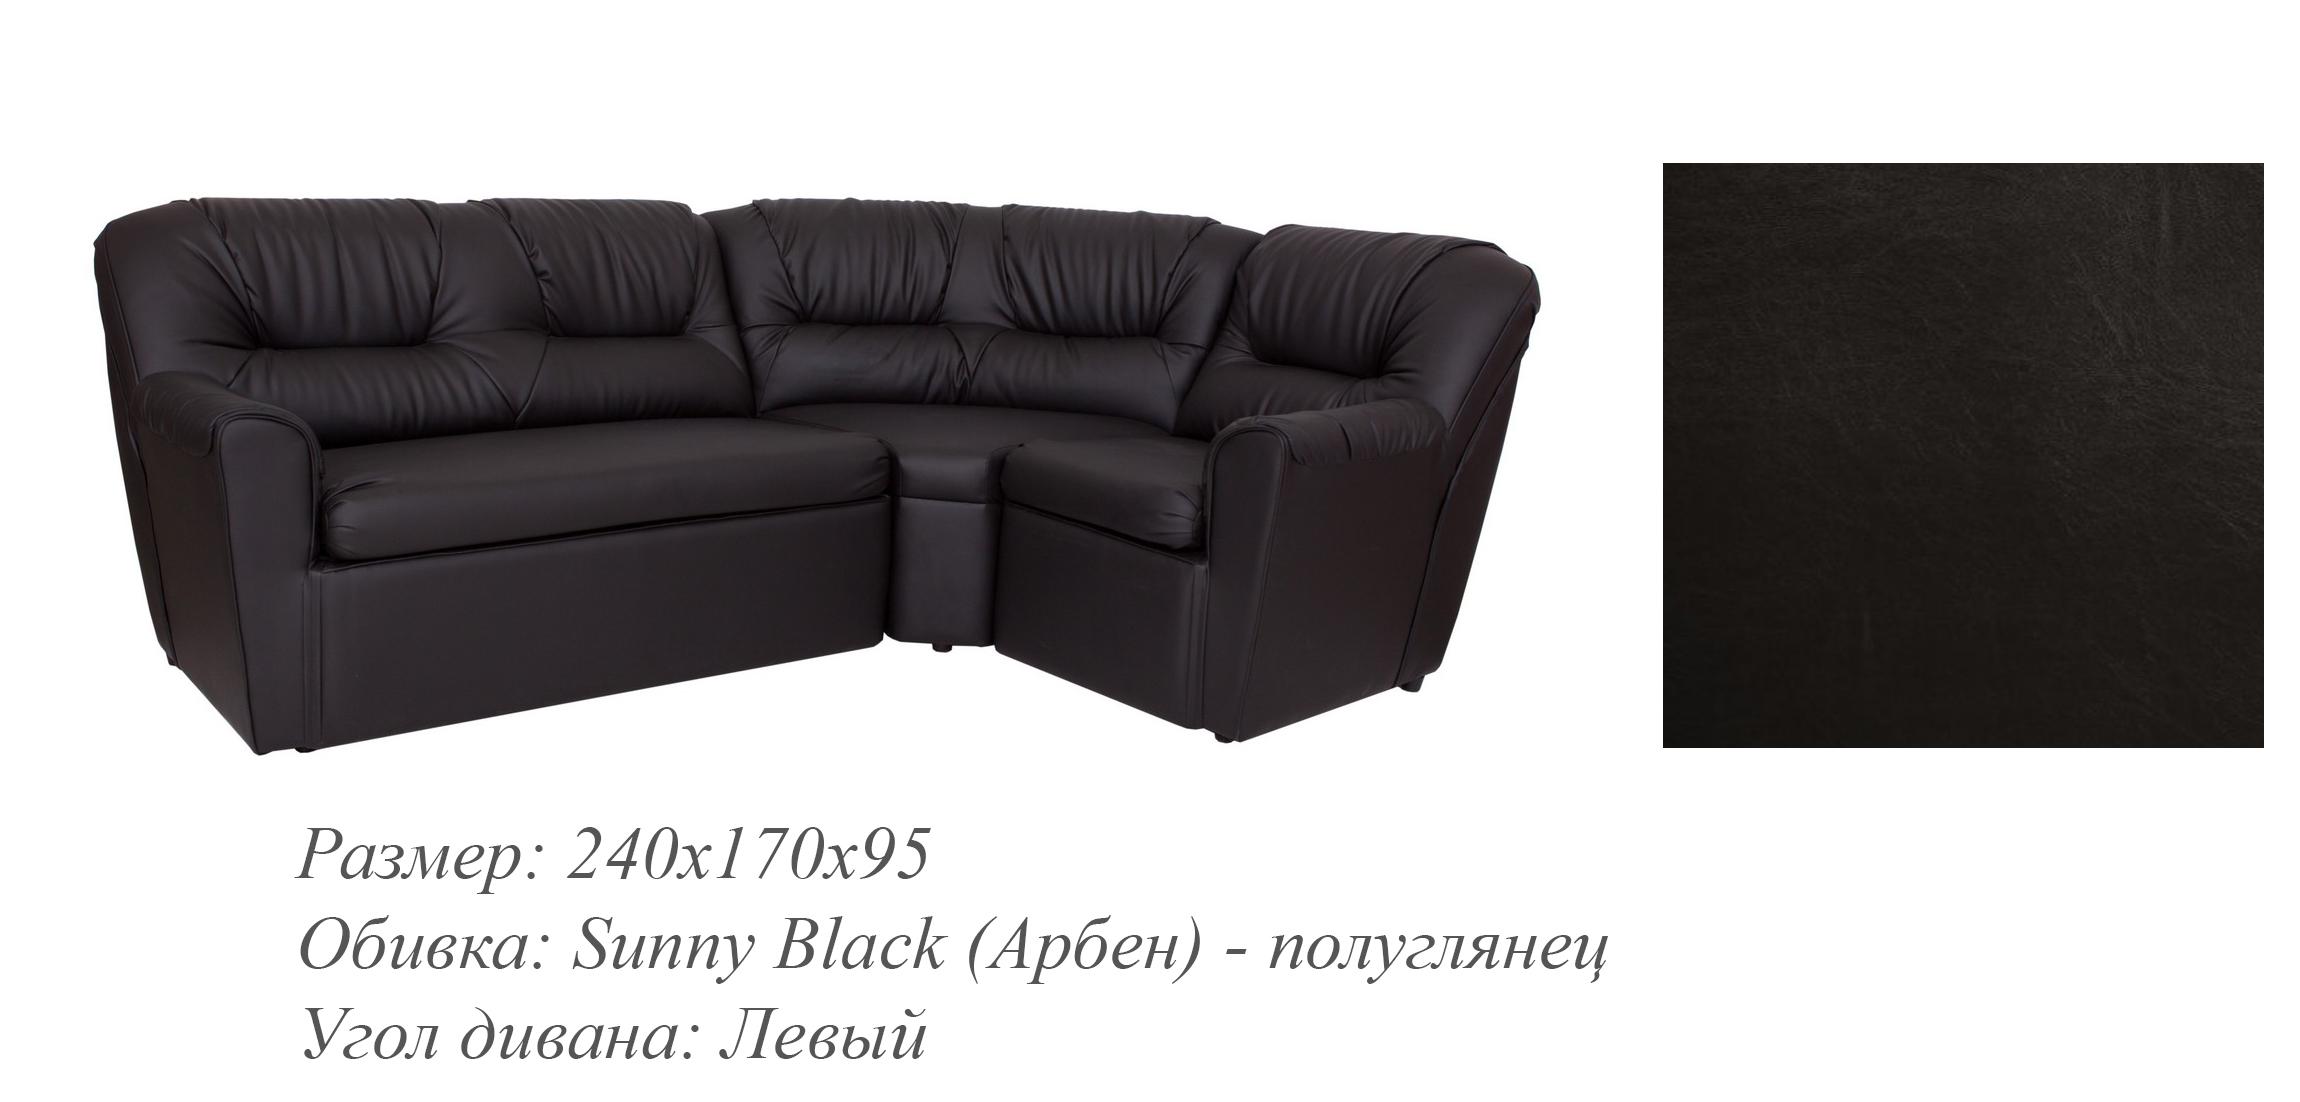 Модульный угловой диван Орион-3 - SUNNY угловой модульный диван кормак